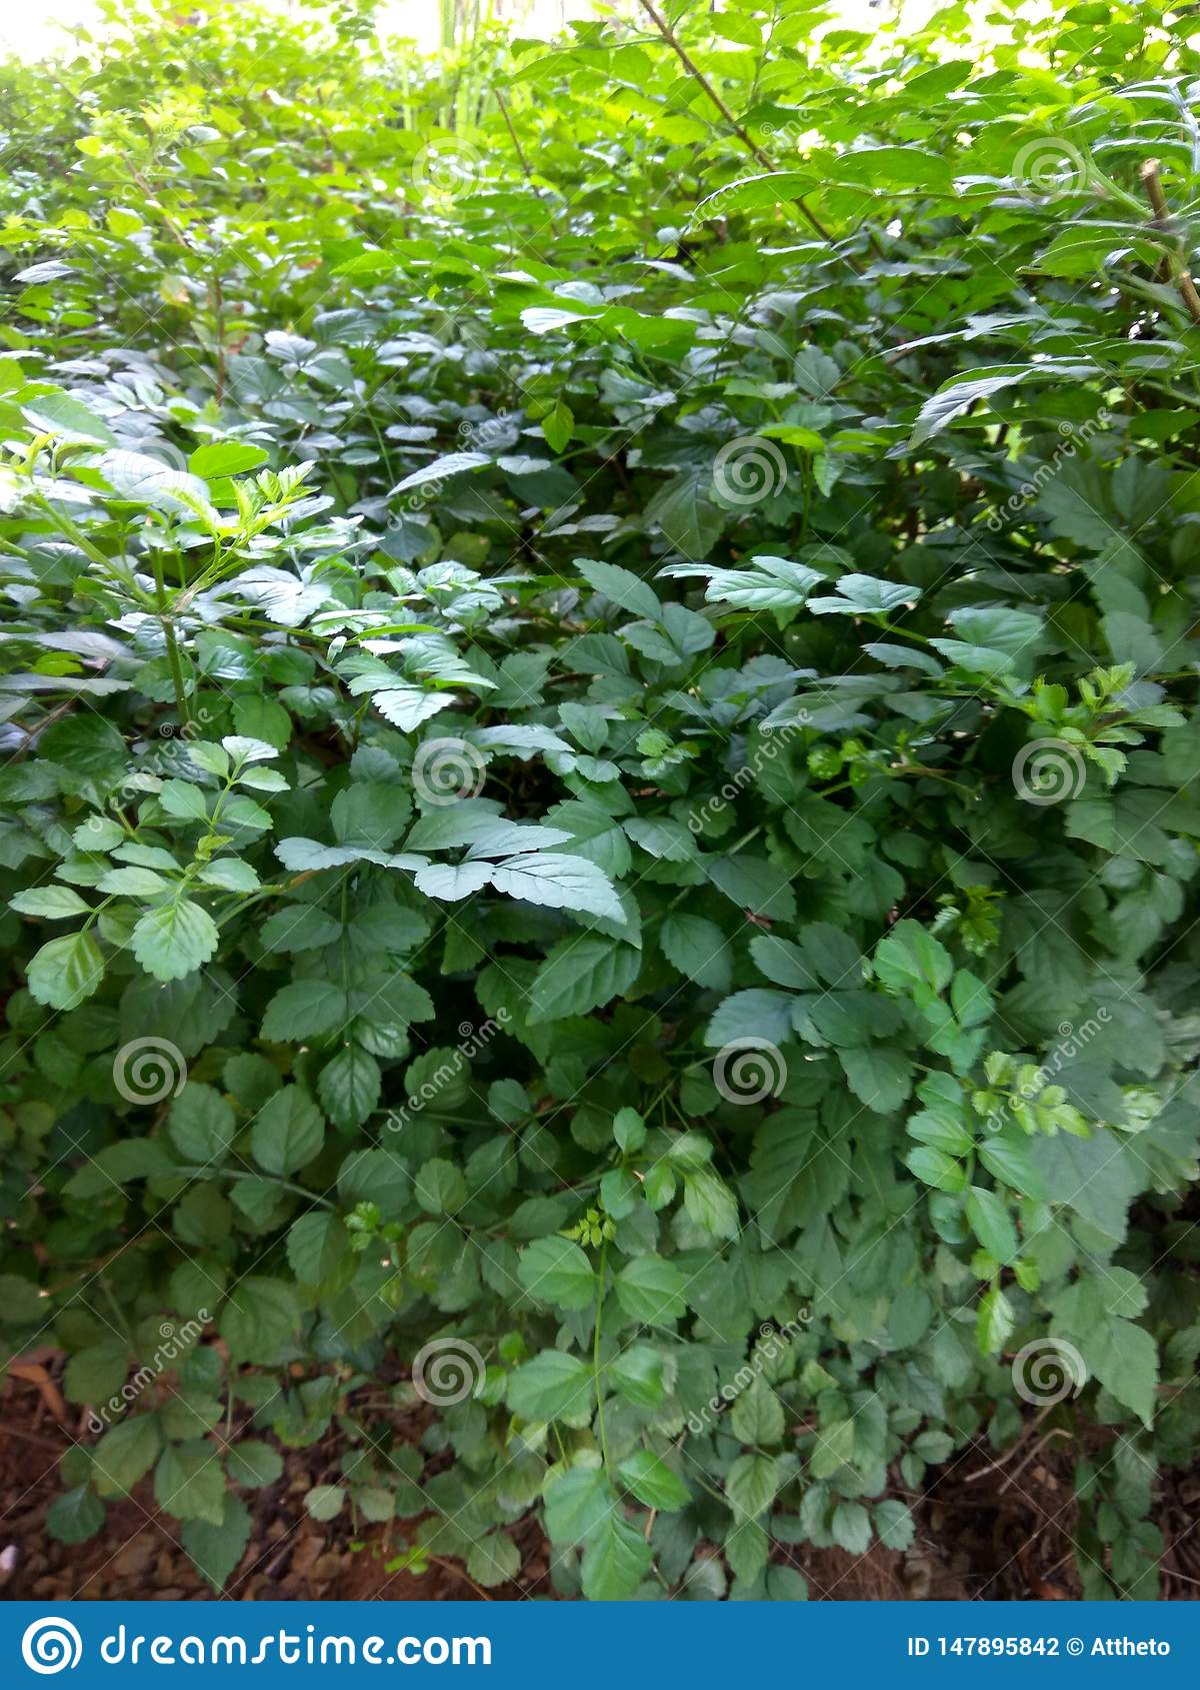 伟大的绿色叶子在公园环境美化